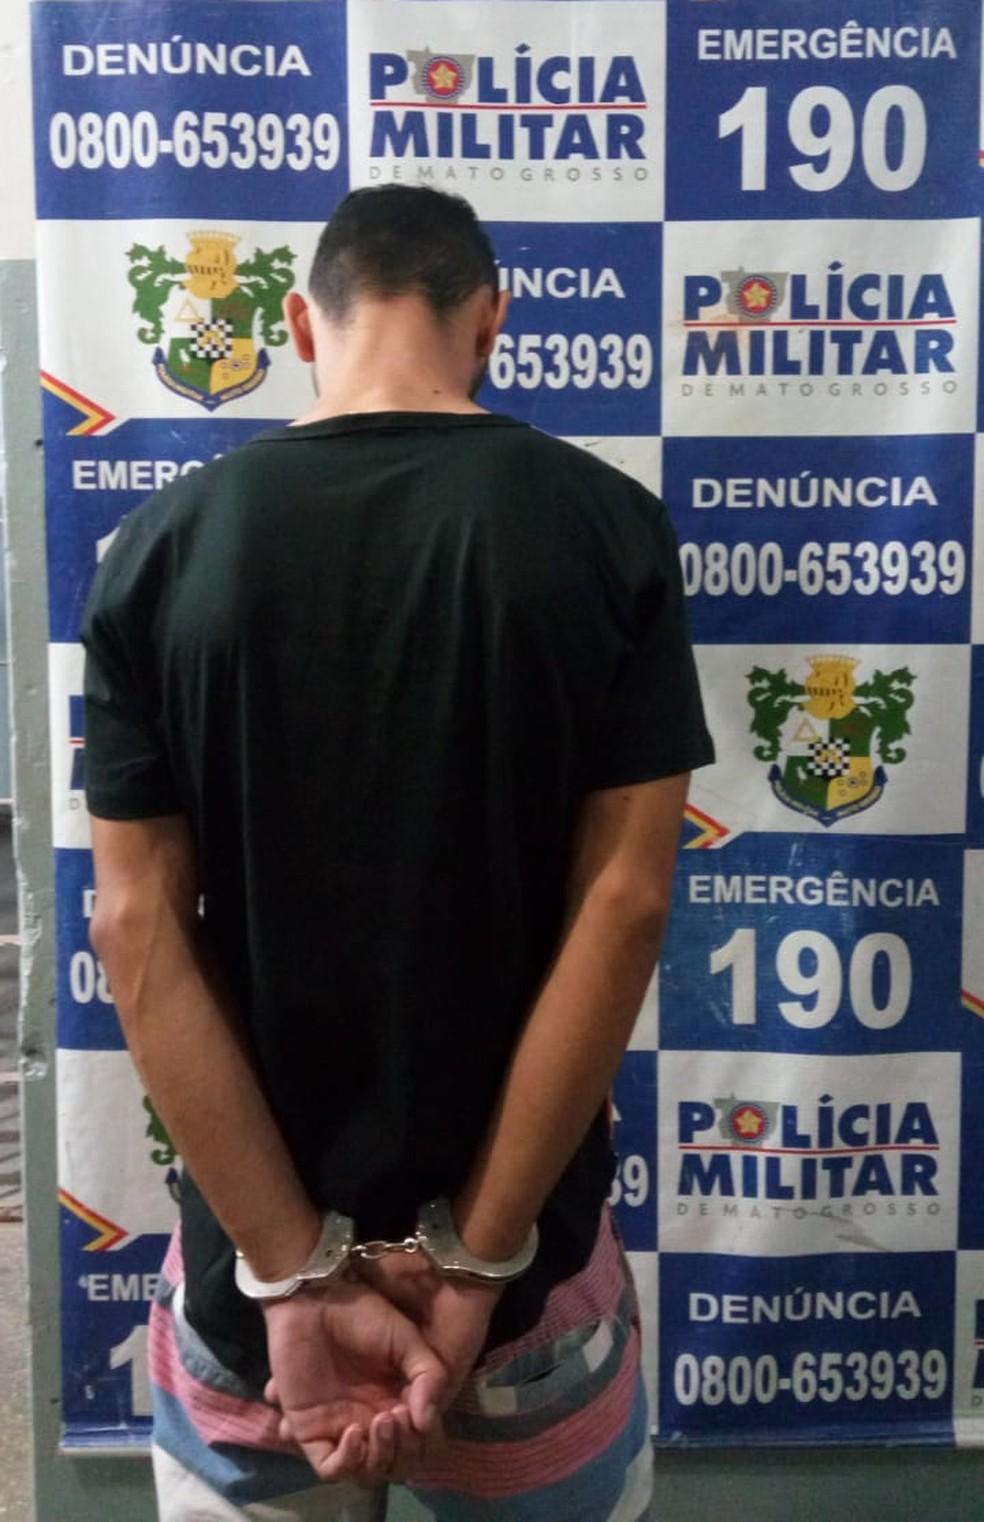 Suspeito foi preso depois de ser denunciado e fugir — Foto: Polícia Militar/Divulgação